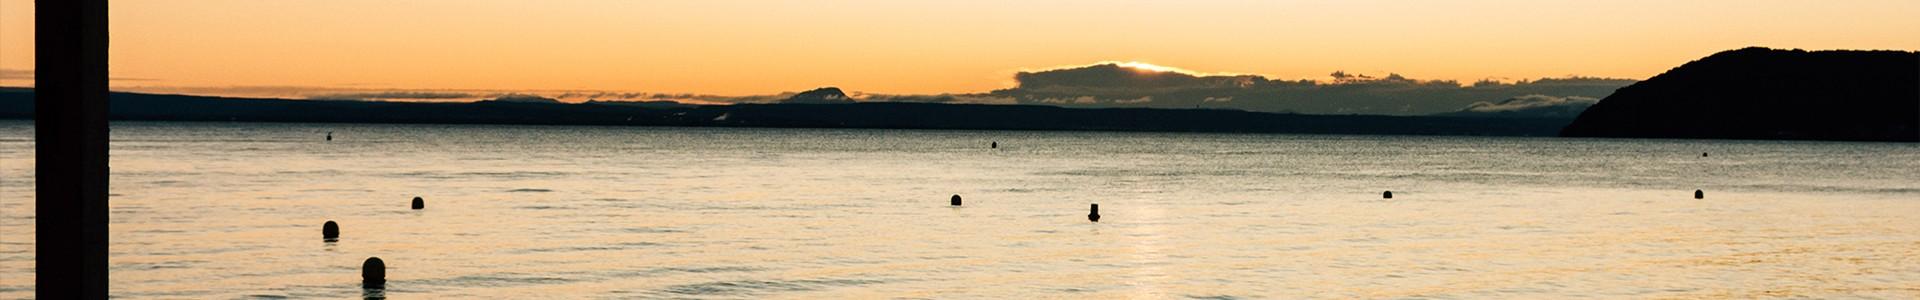 La Plage du ranquet à Istres sur l'étang de Berre